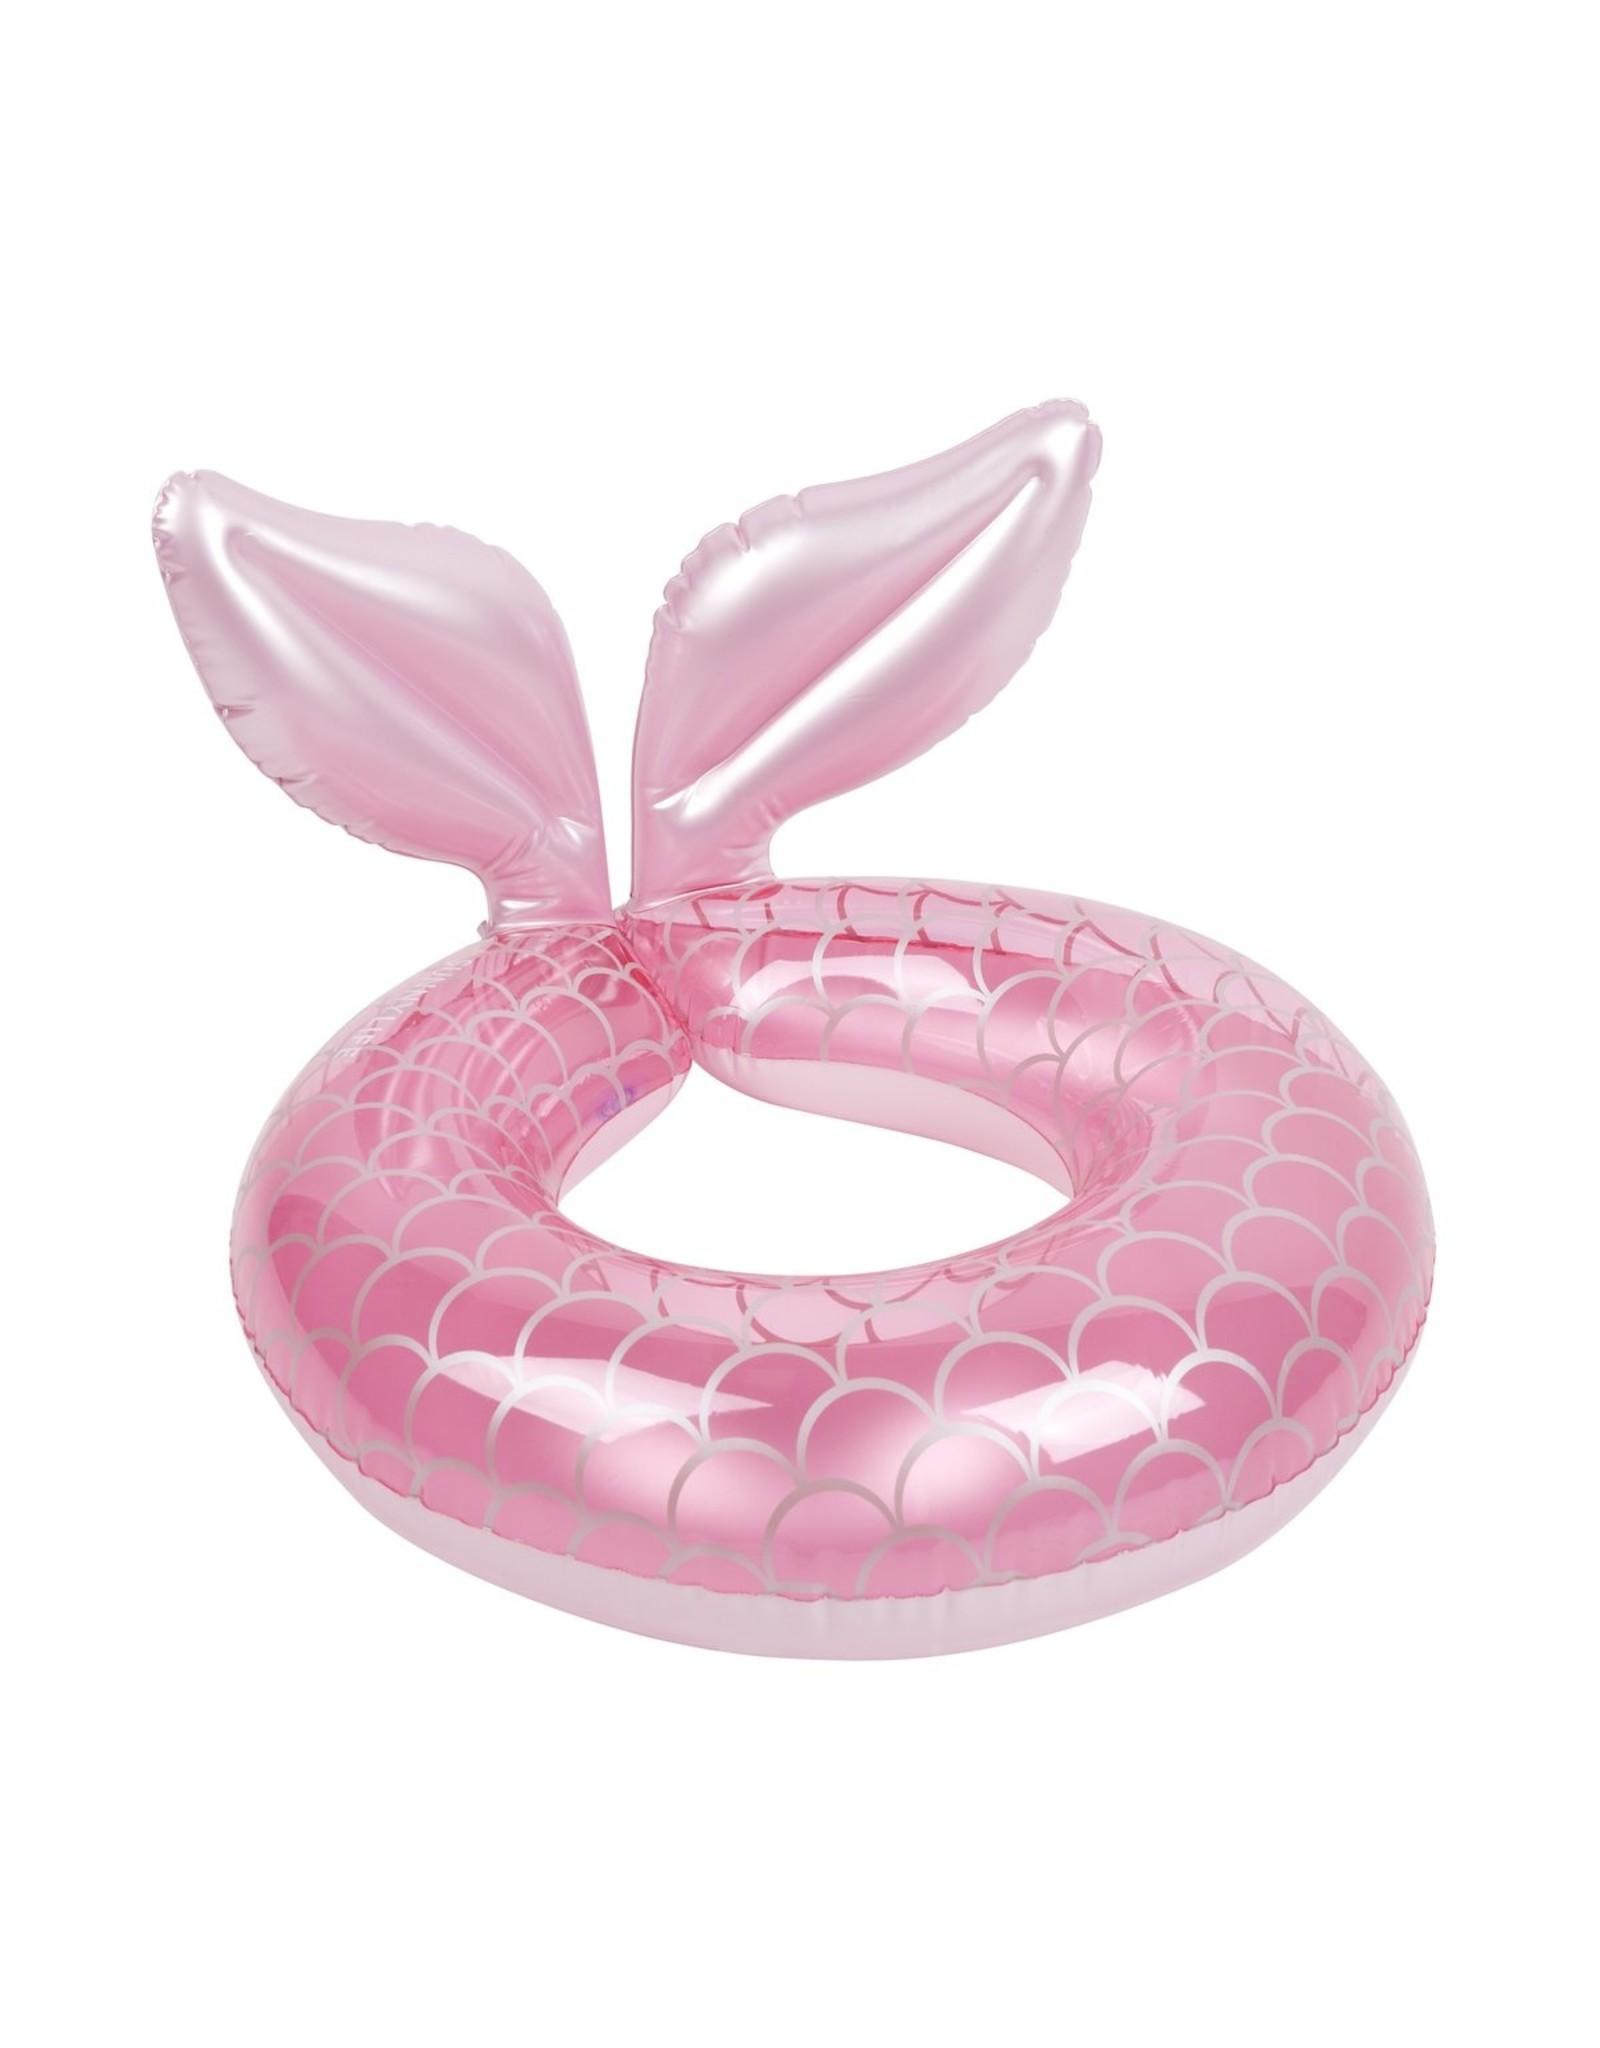 Mermaid Kiddy Float